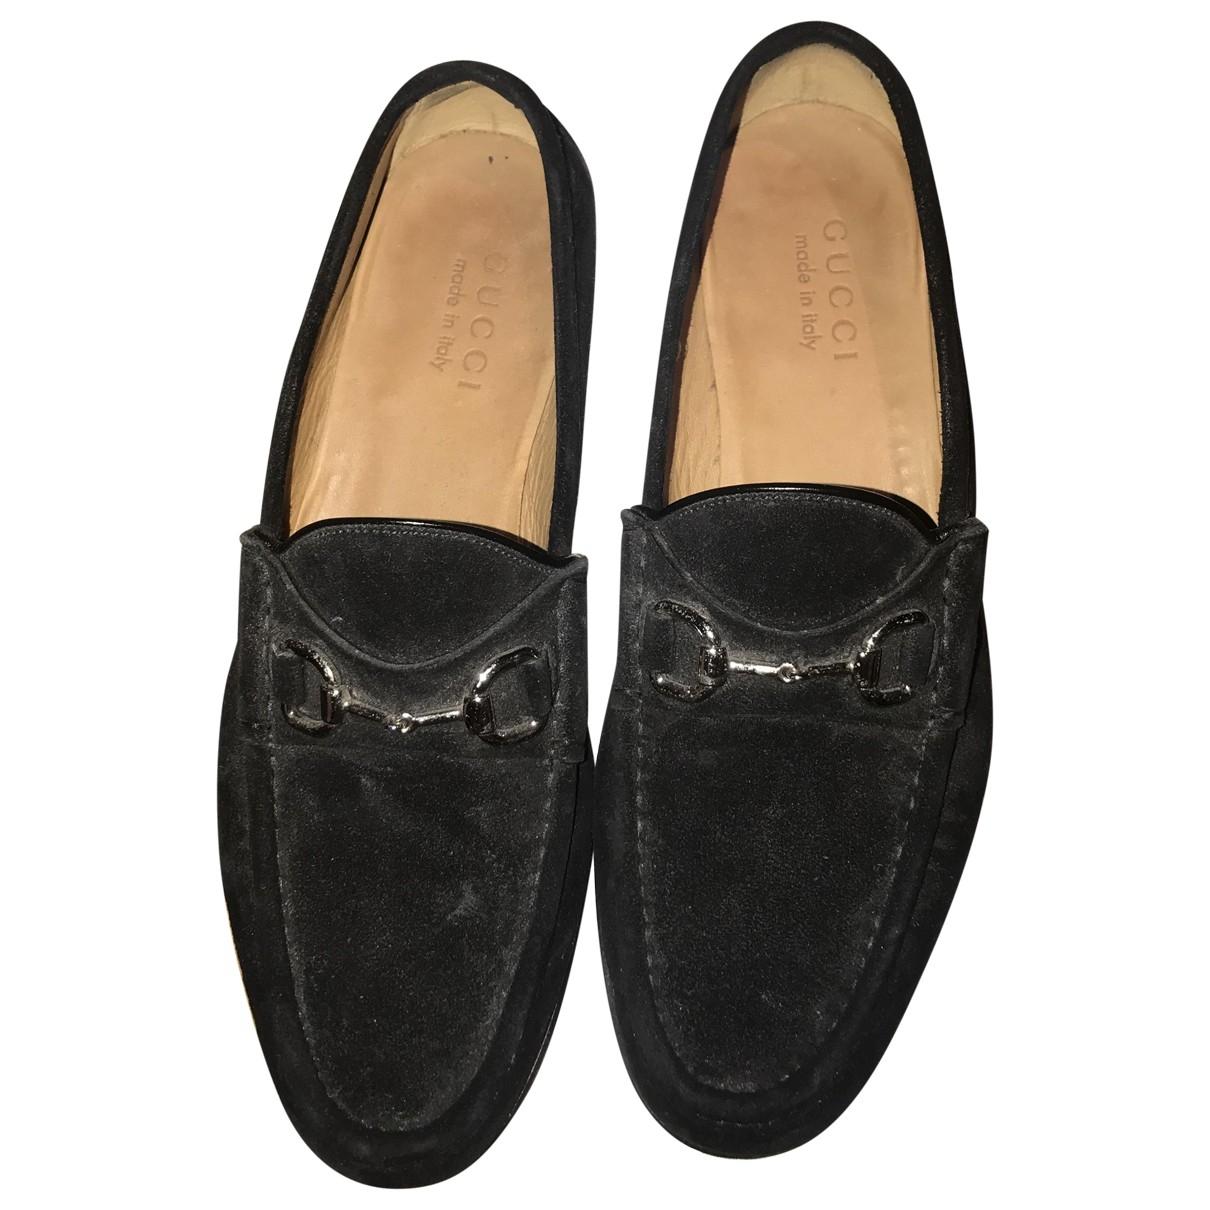 Gucci - Mocassins   pour homme en velours - noir